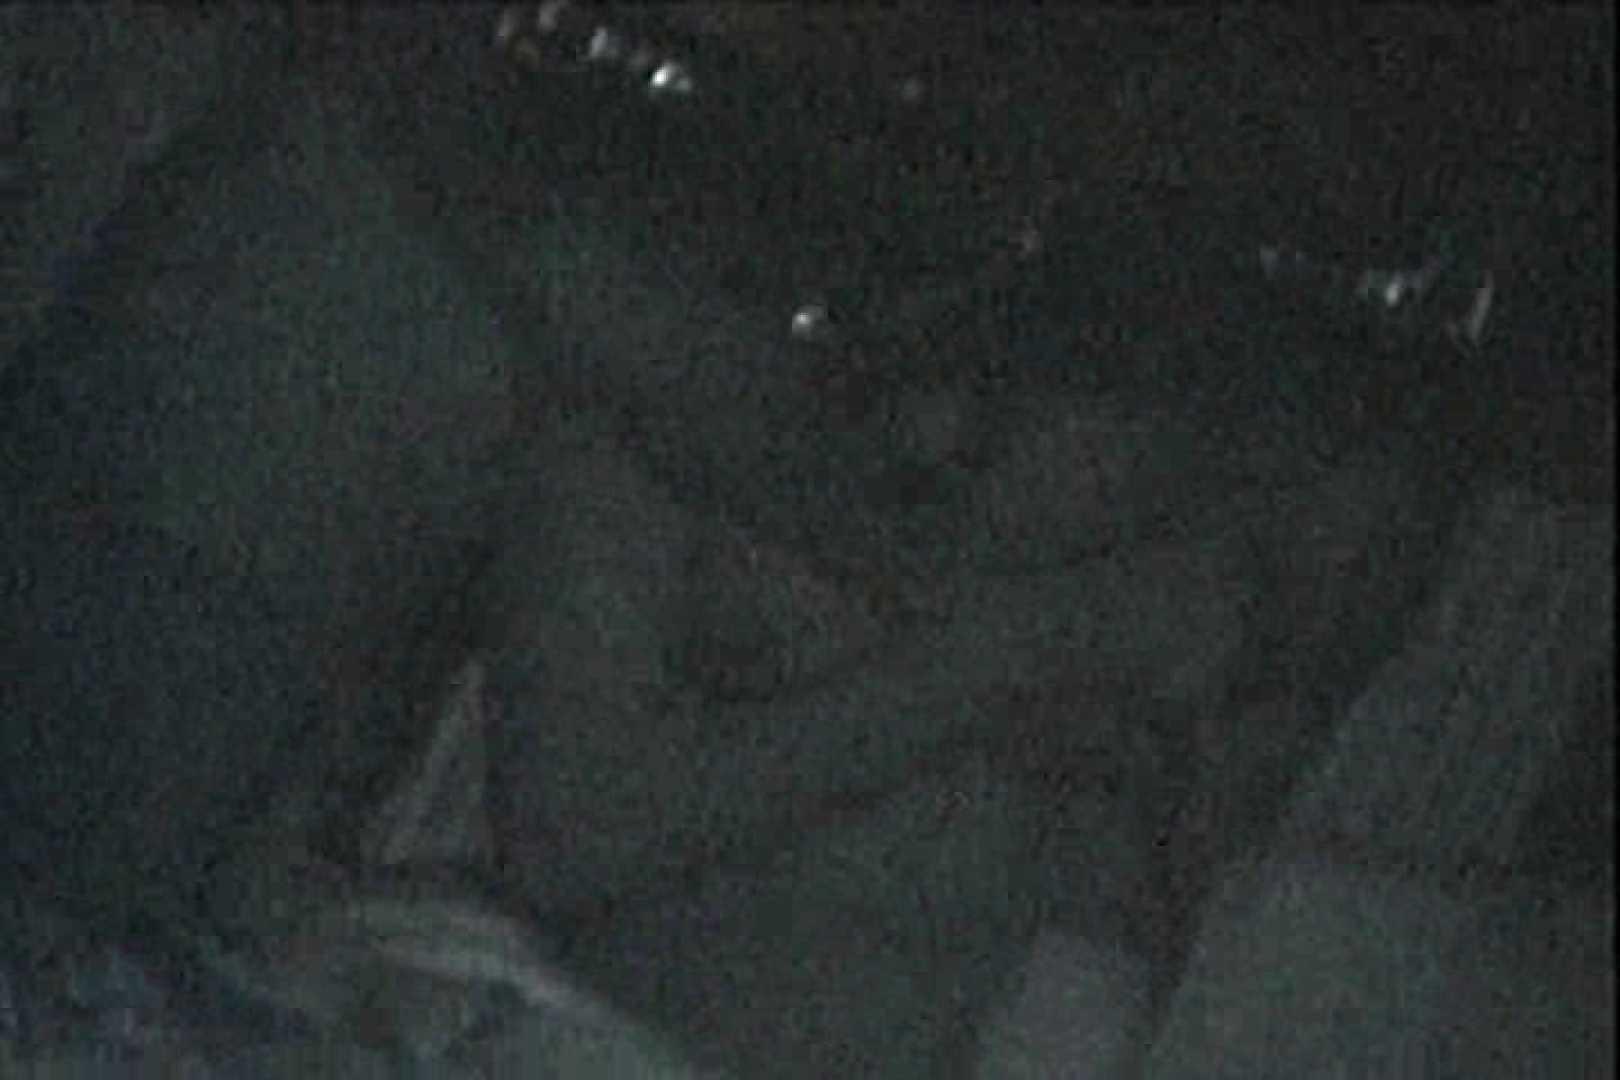 充血監督の深夜の運動会Vol.39 エロティックなOL セックス無修正動画無料 56画像 2